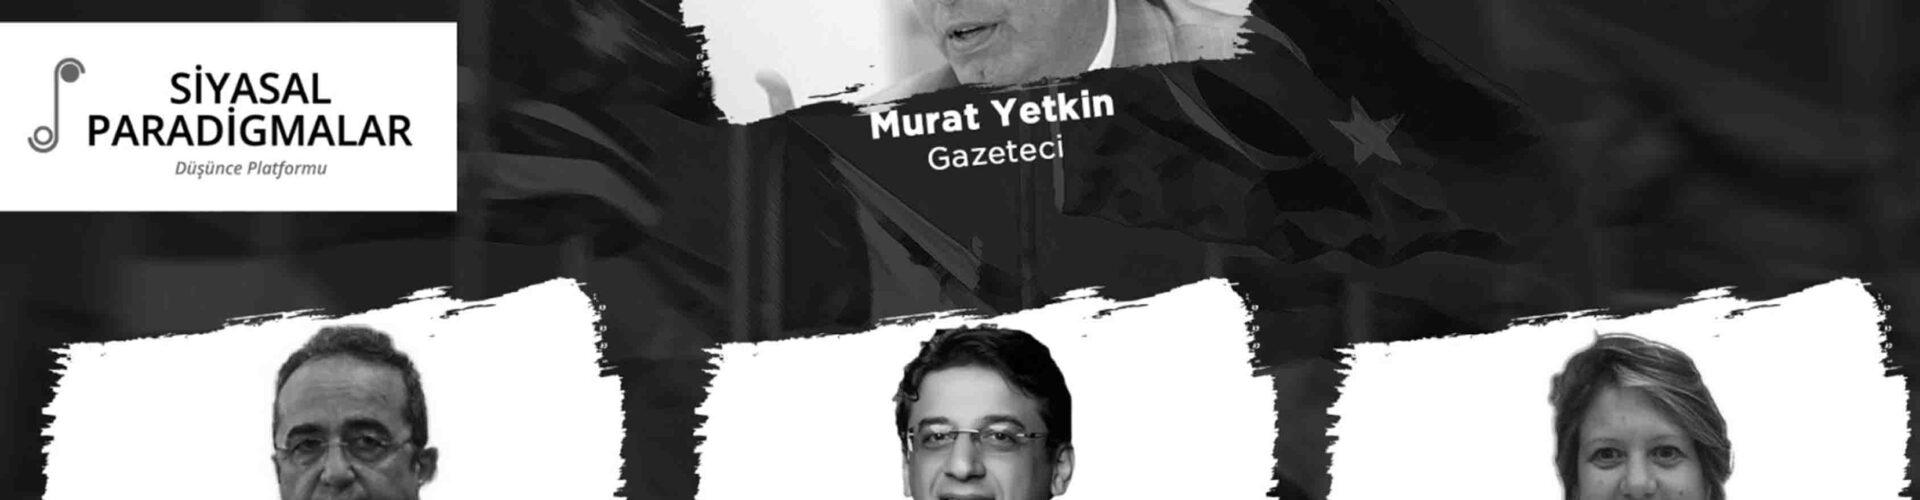 Dünya Halleri'nin Bu Haftaki Konuğu Gazeteci Murat Yetkin